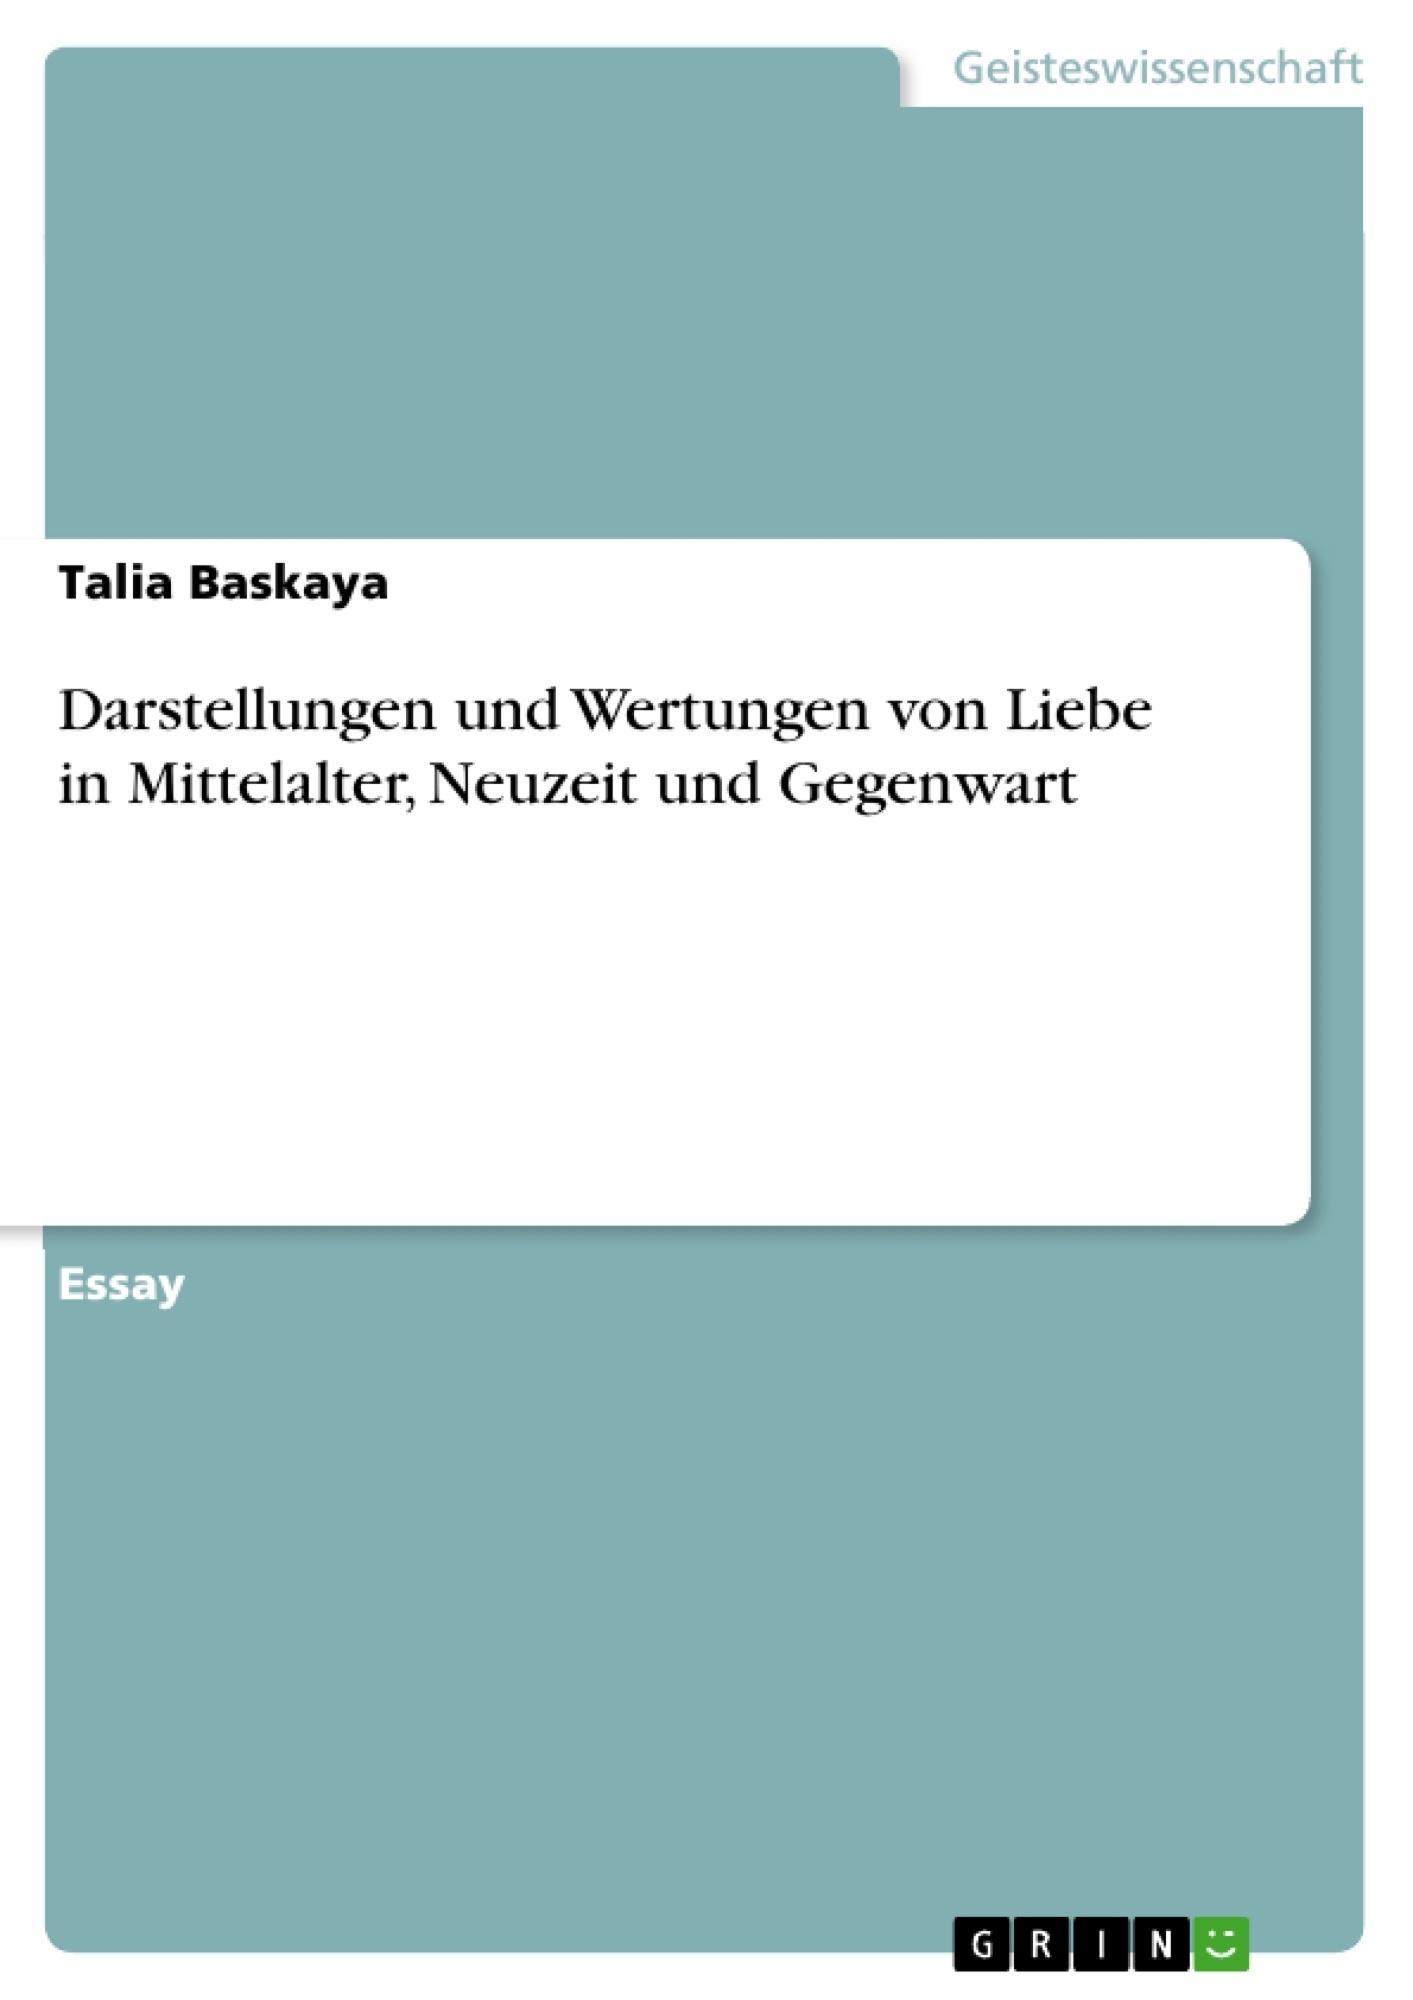 Titel: Darstellungen und Wertungen von Liebe in Mittelalter, Neuzeit und Gegenwart